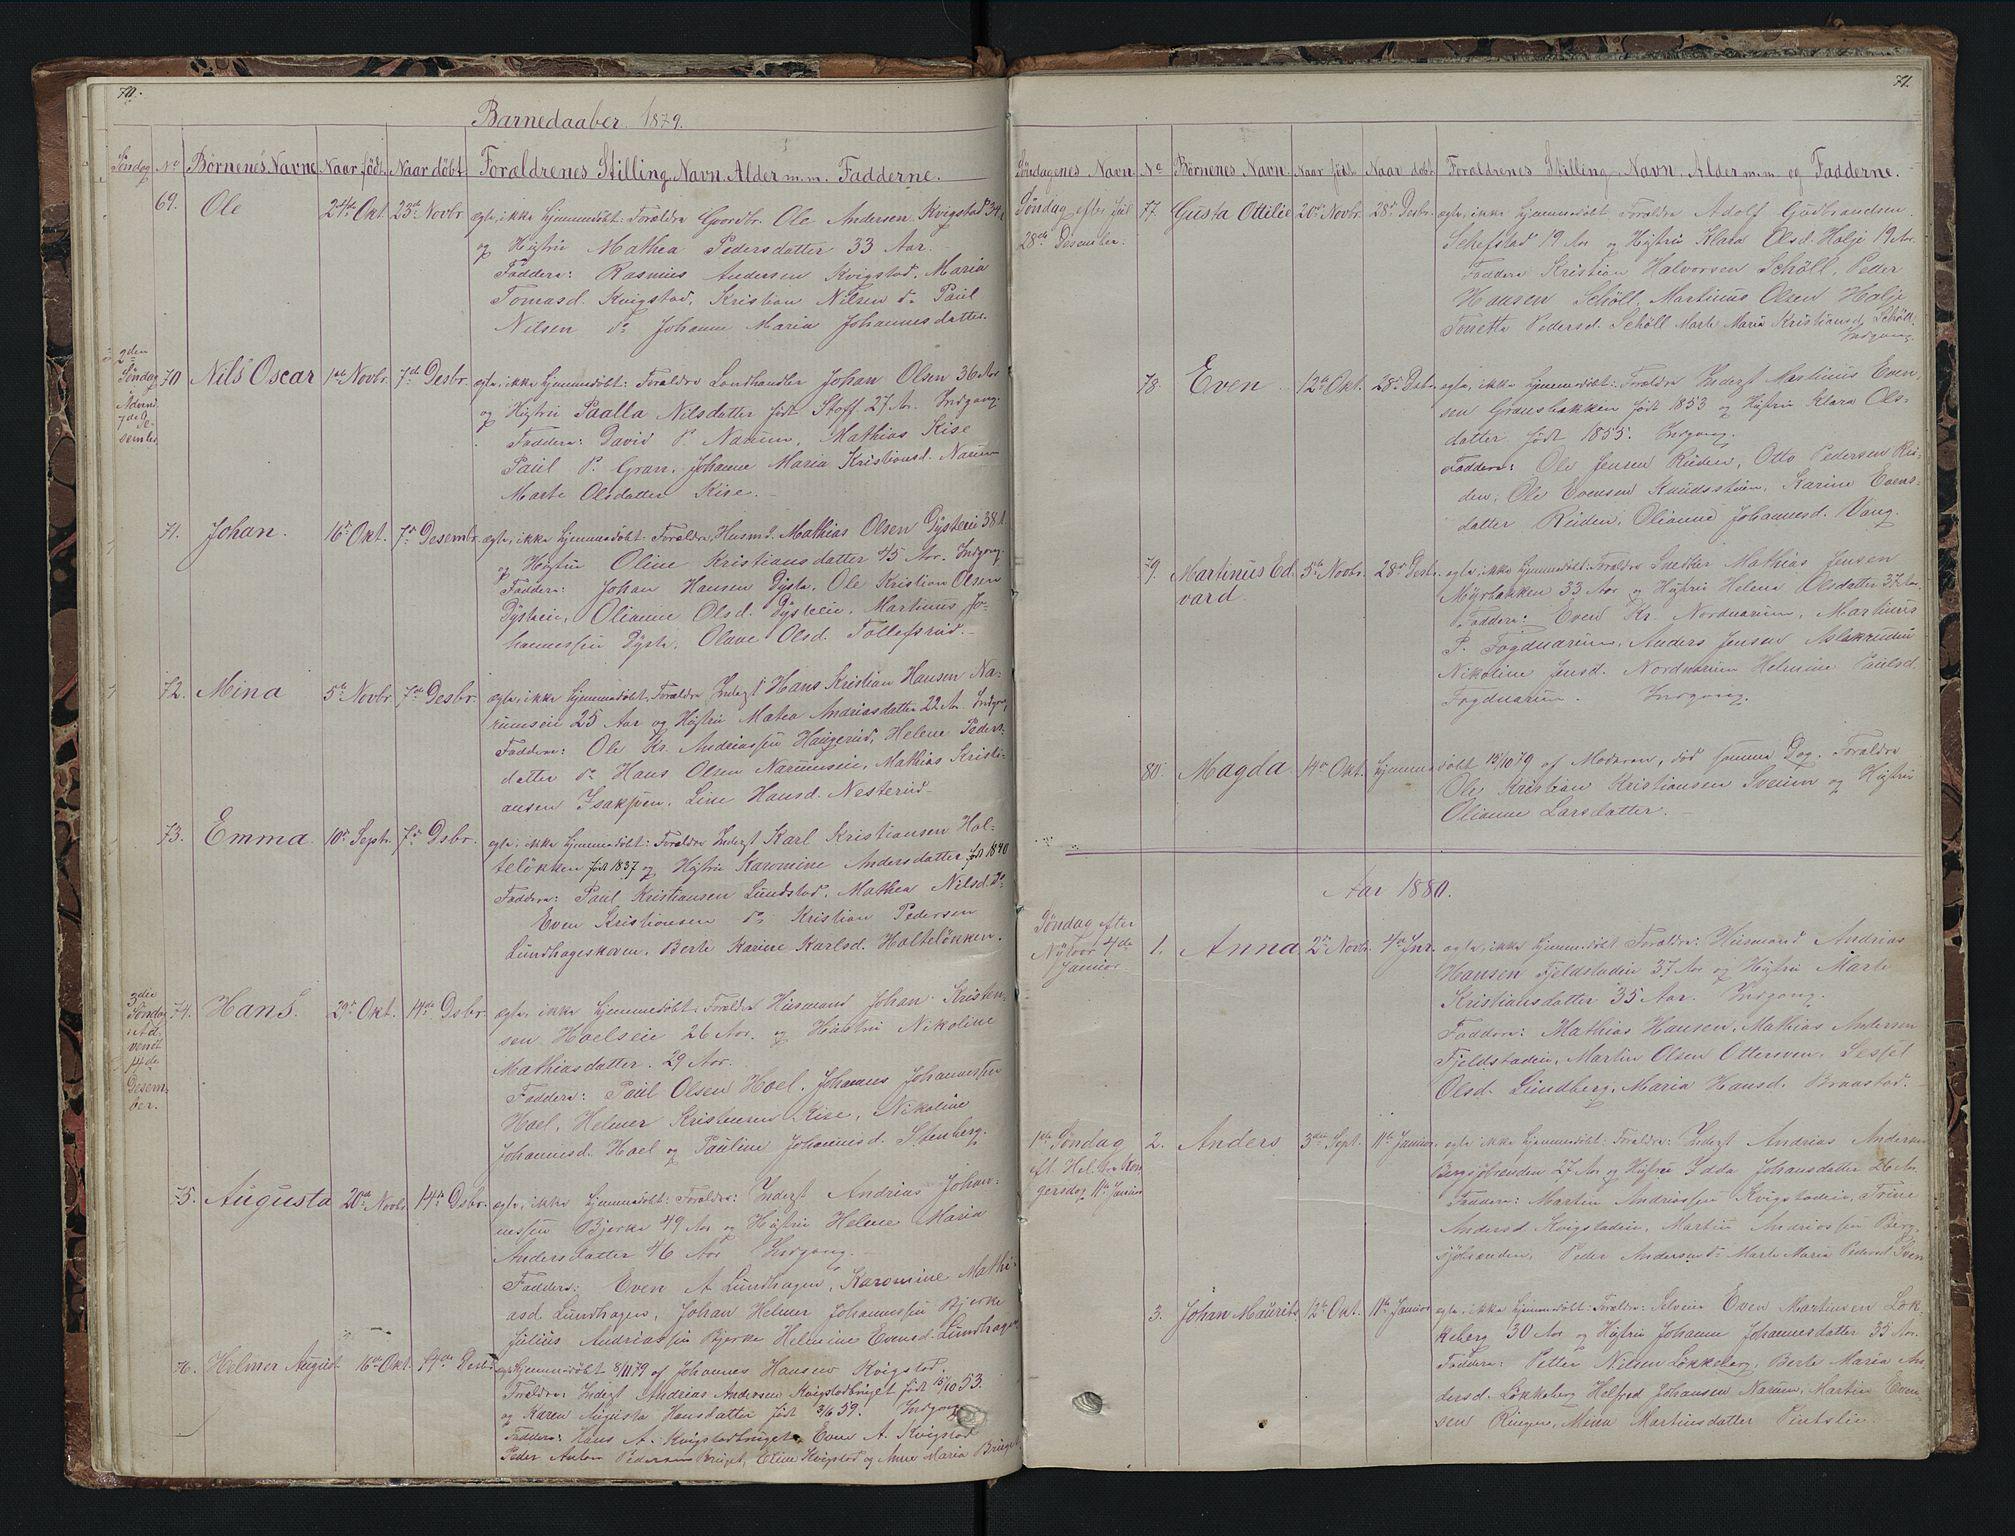 SAH, Vestre Toten prestekontor, Klokkerbok nr. 7, 1872-1900, s. 70-71